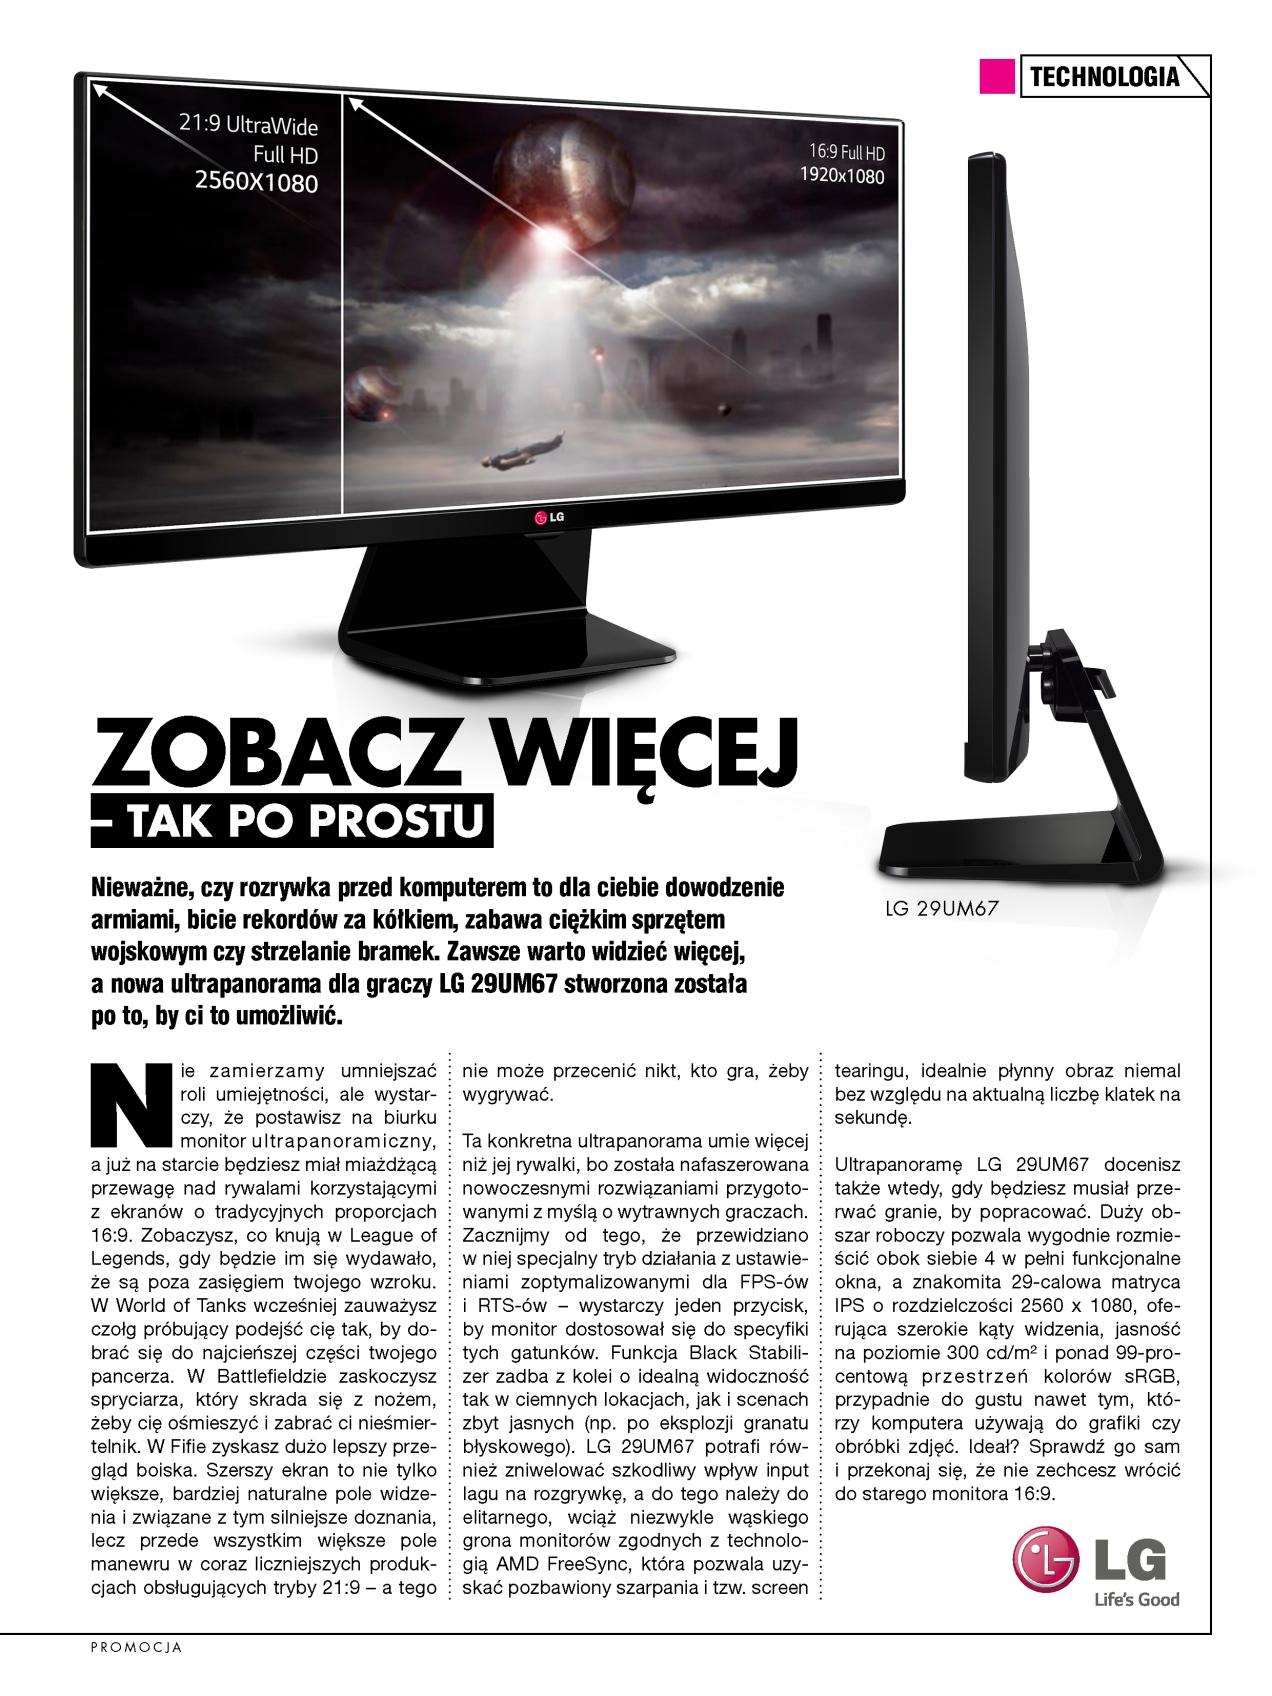 Reklama prasowa LG